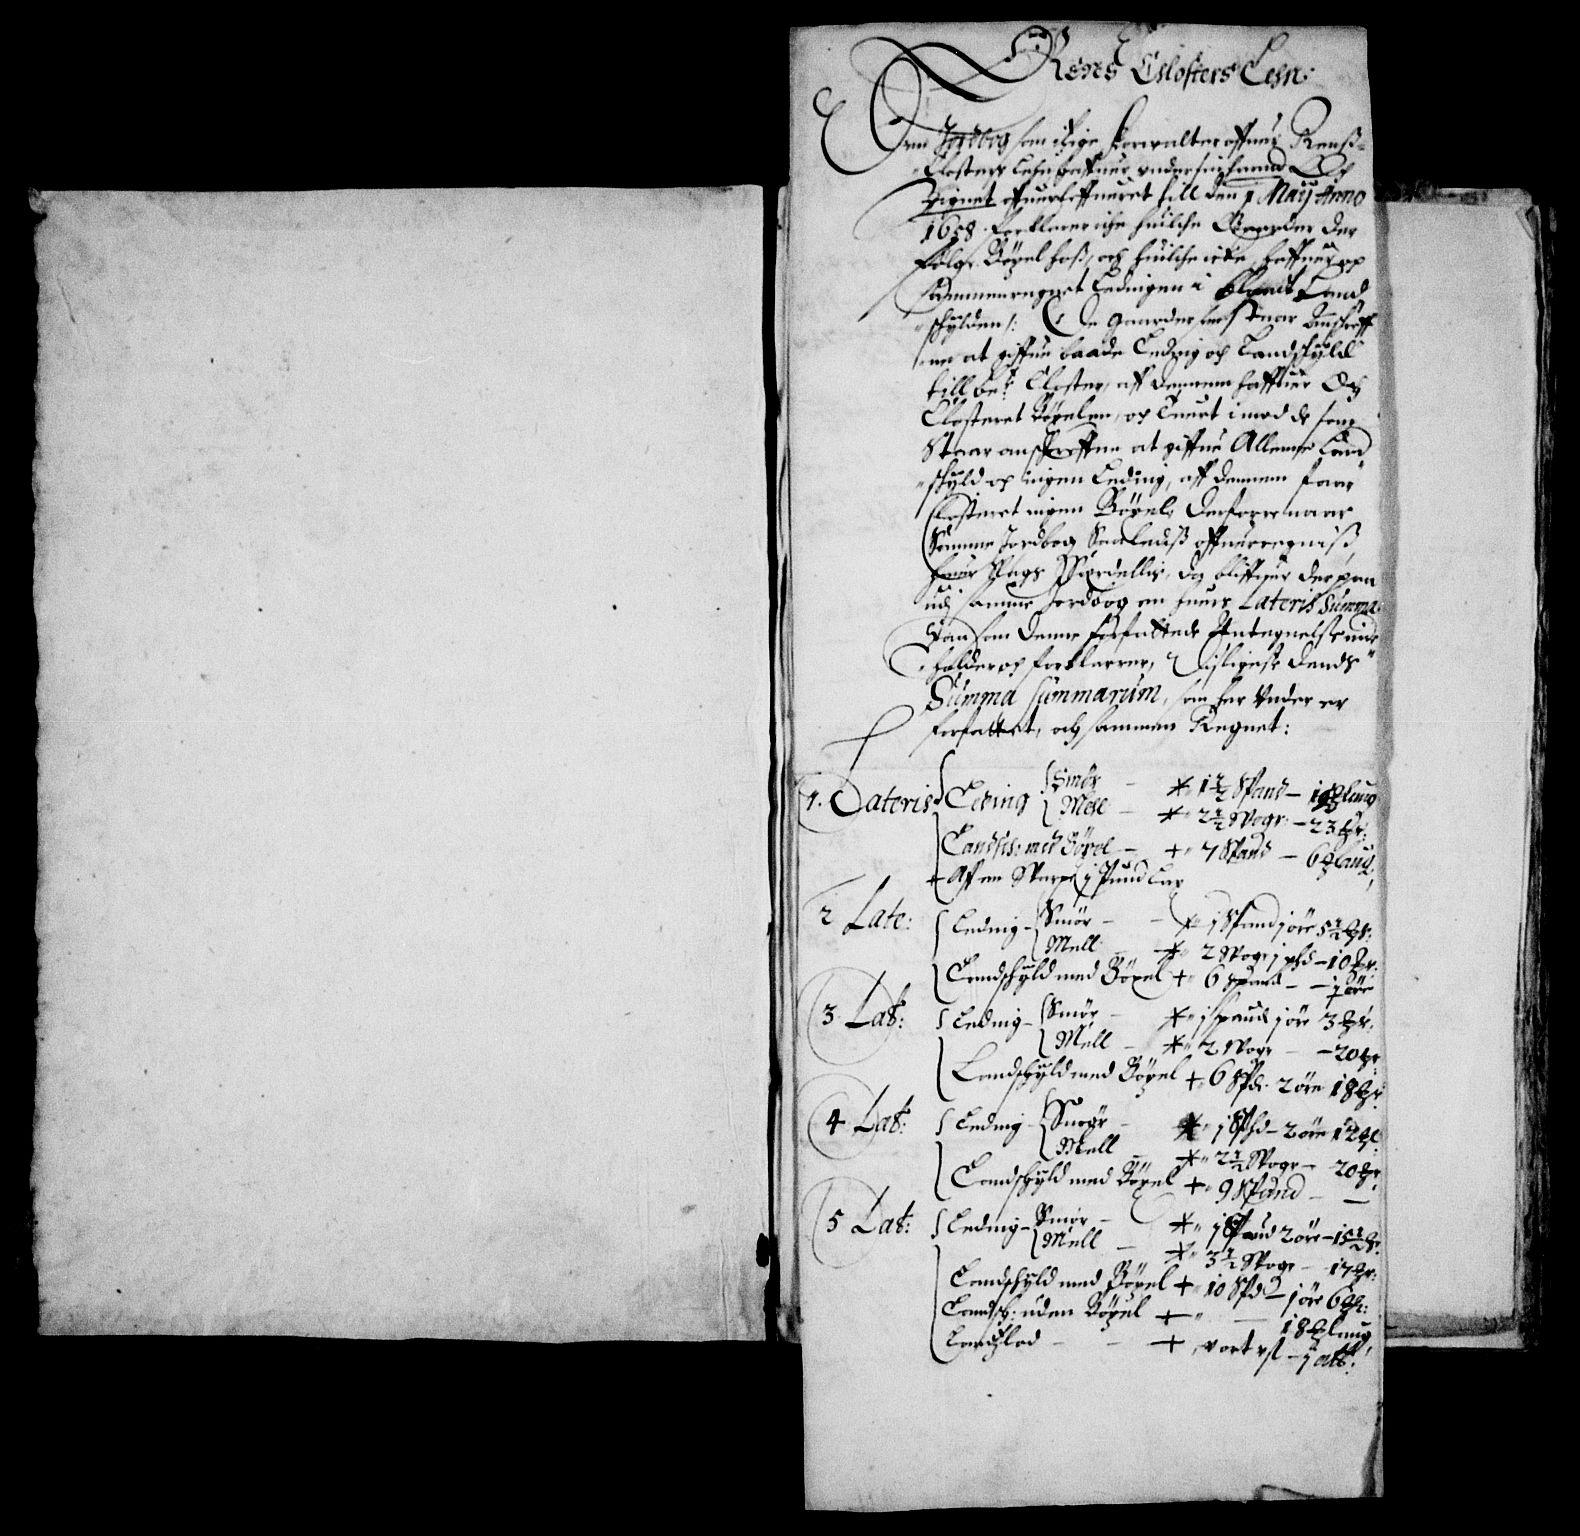 RA, Rentekammeret inntil 1814, Realistisk ordnet avdeling, On/L0006: [Jj 7]: Jordebøker og dokumenter over det sekulariserte kirke- og klostergodset:, 1658-1682, s. 99